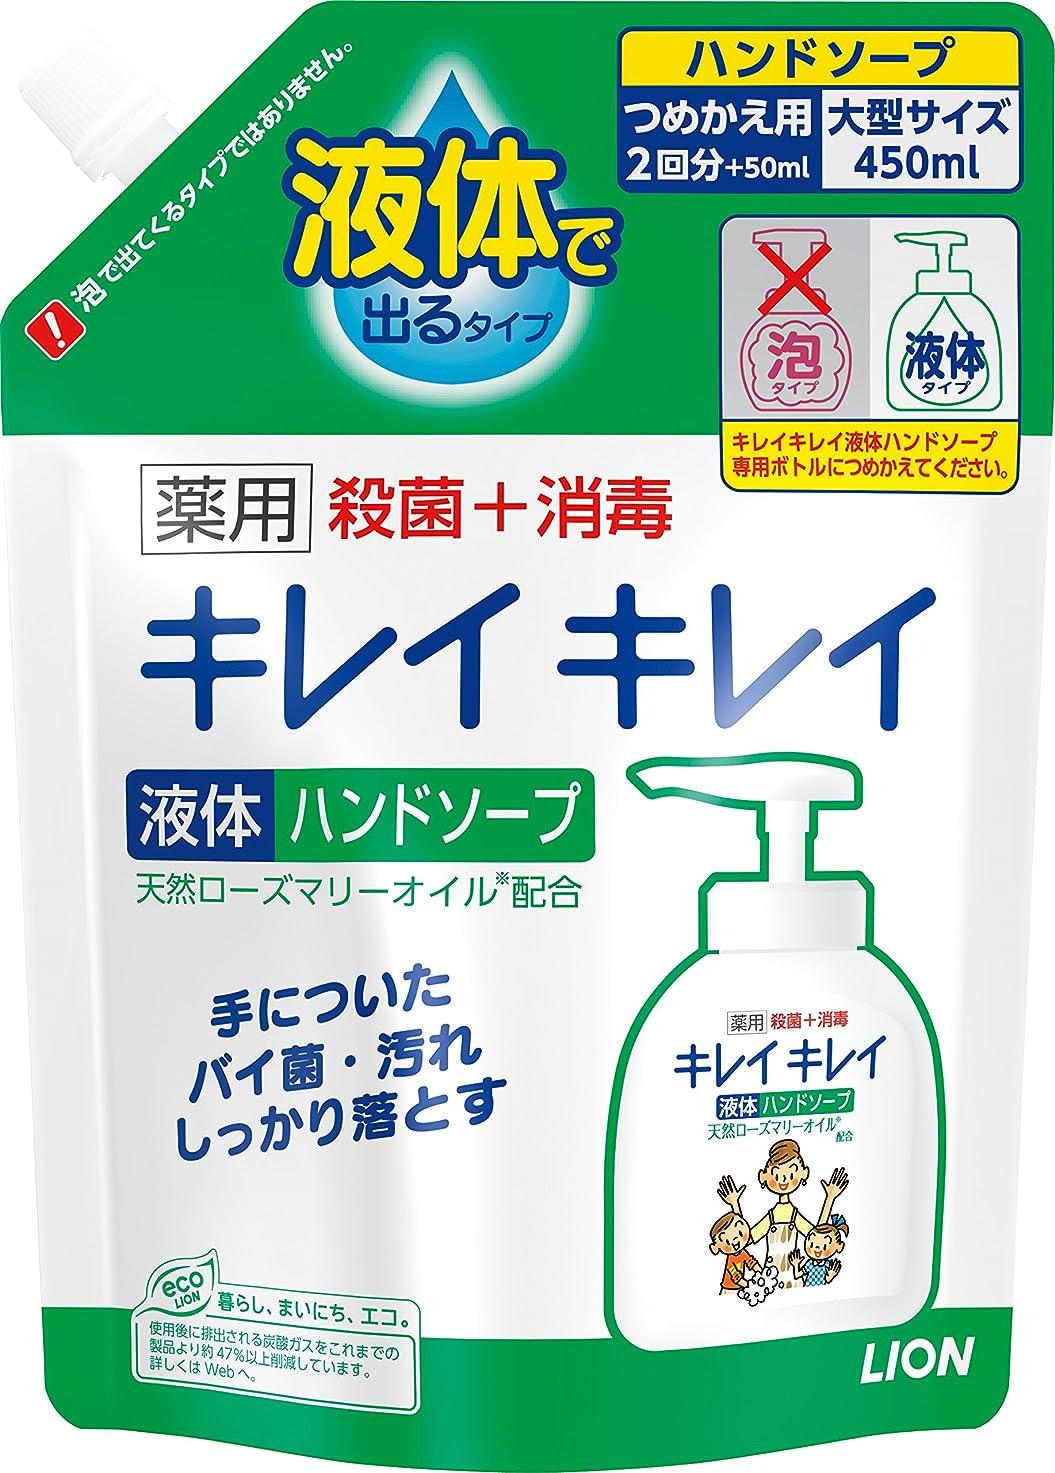 呼び起こす畝間化学薬品キレイキレイ 薬用 液体ハンドソープ 詰め替え 450ml(医薬部外品)